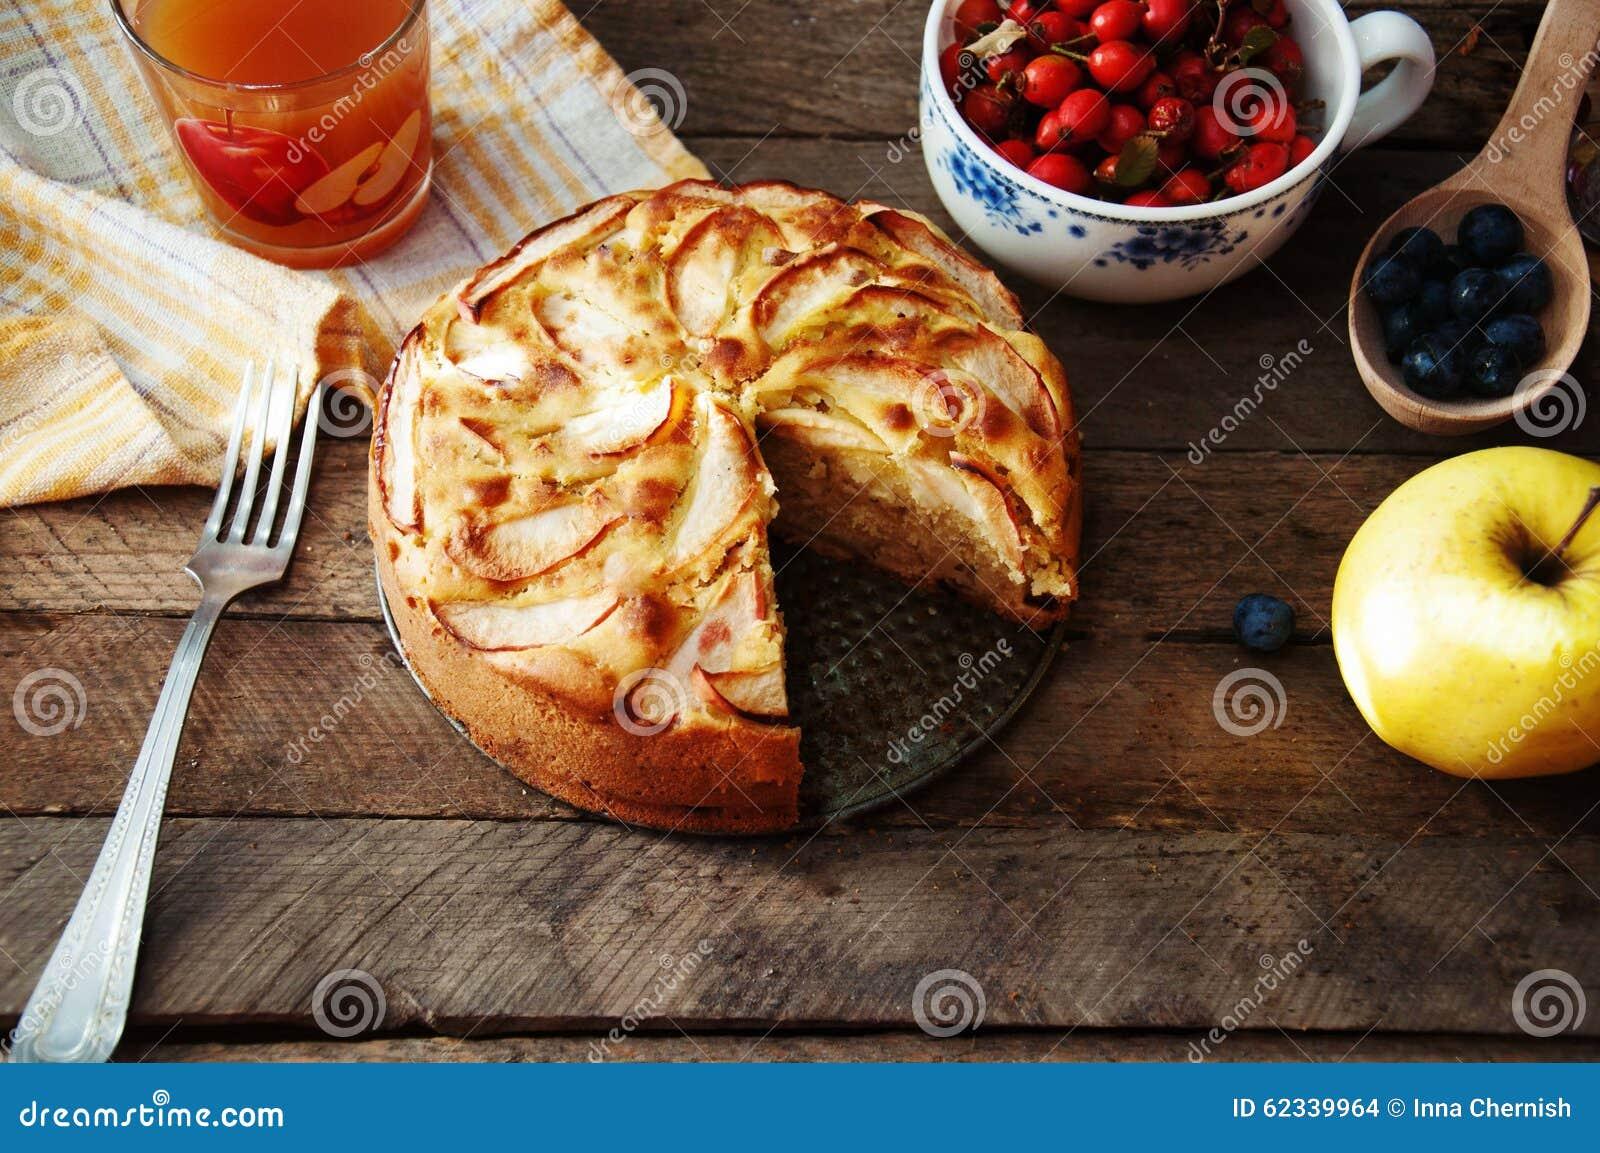 Tavola Da Mangiare.Dessert Organico Casalingo Della Torta Di Mele Pronto Da